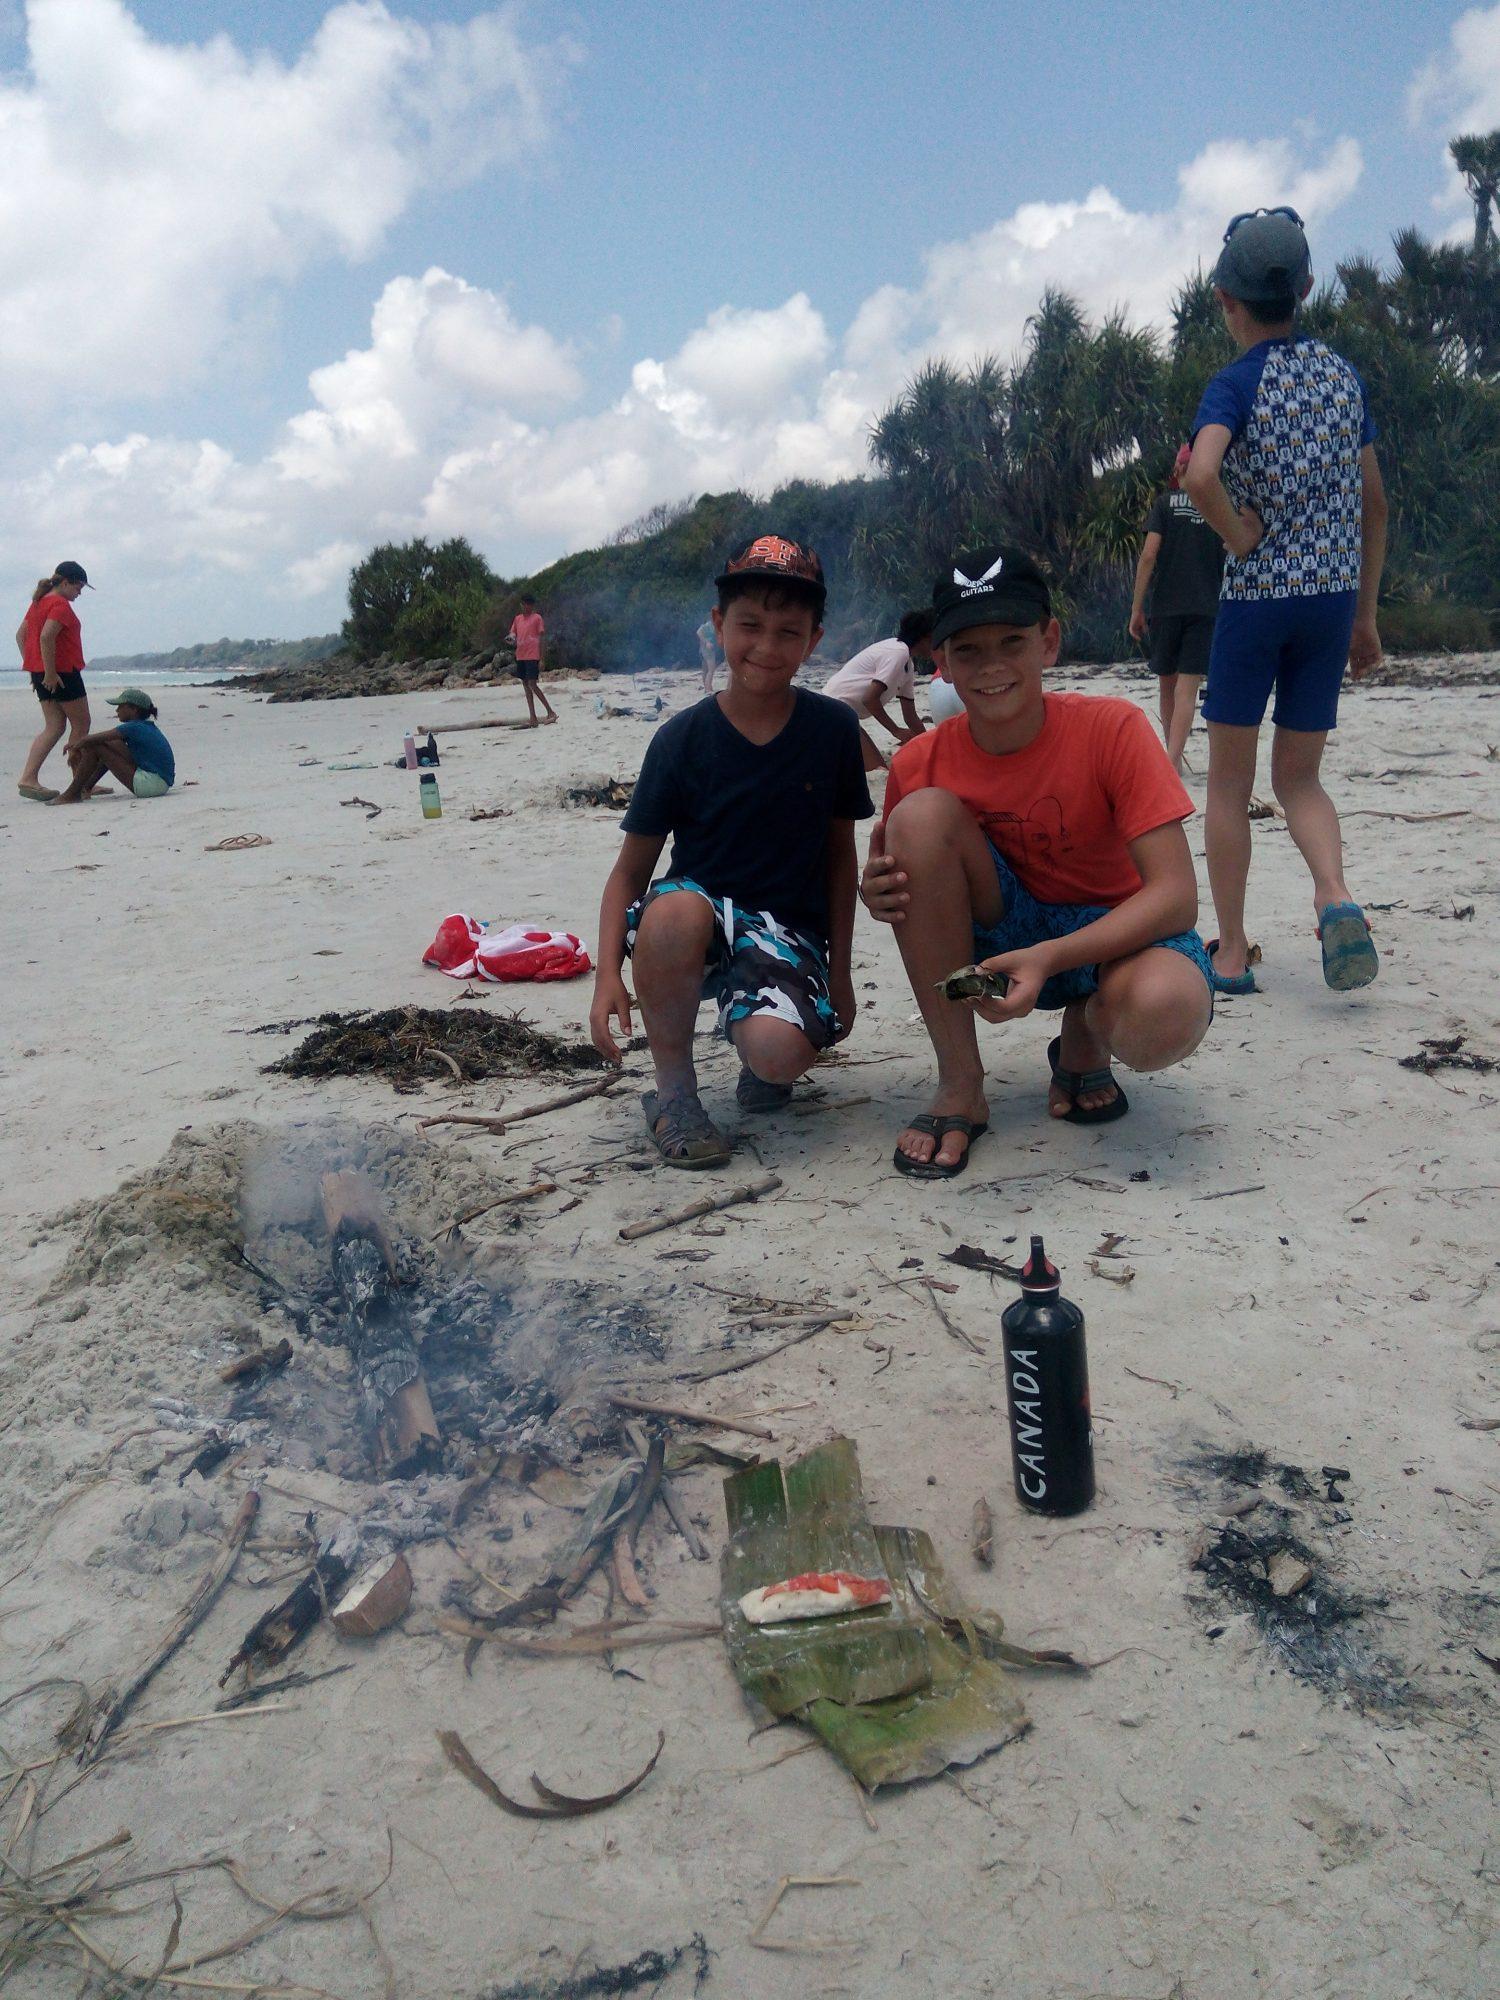 School Trip beach Survival